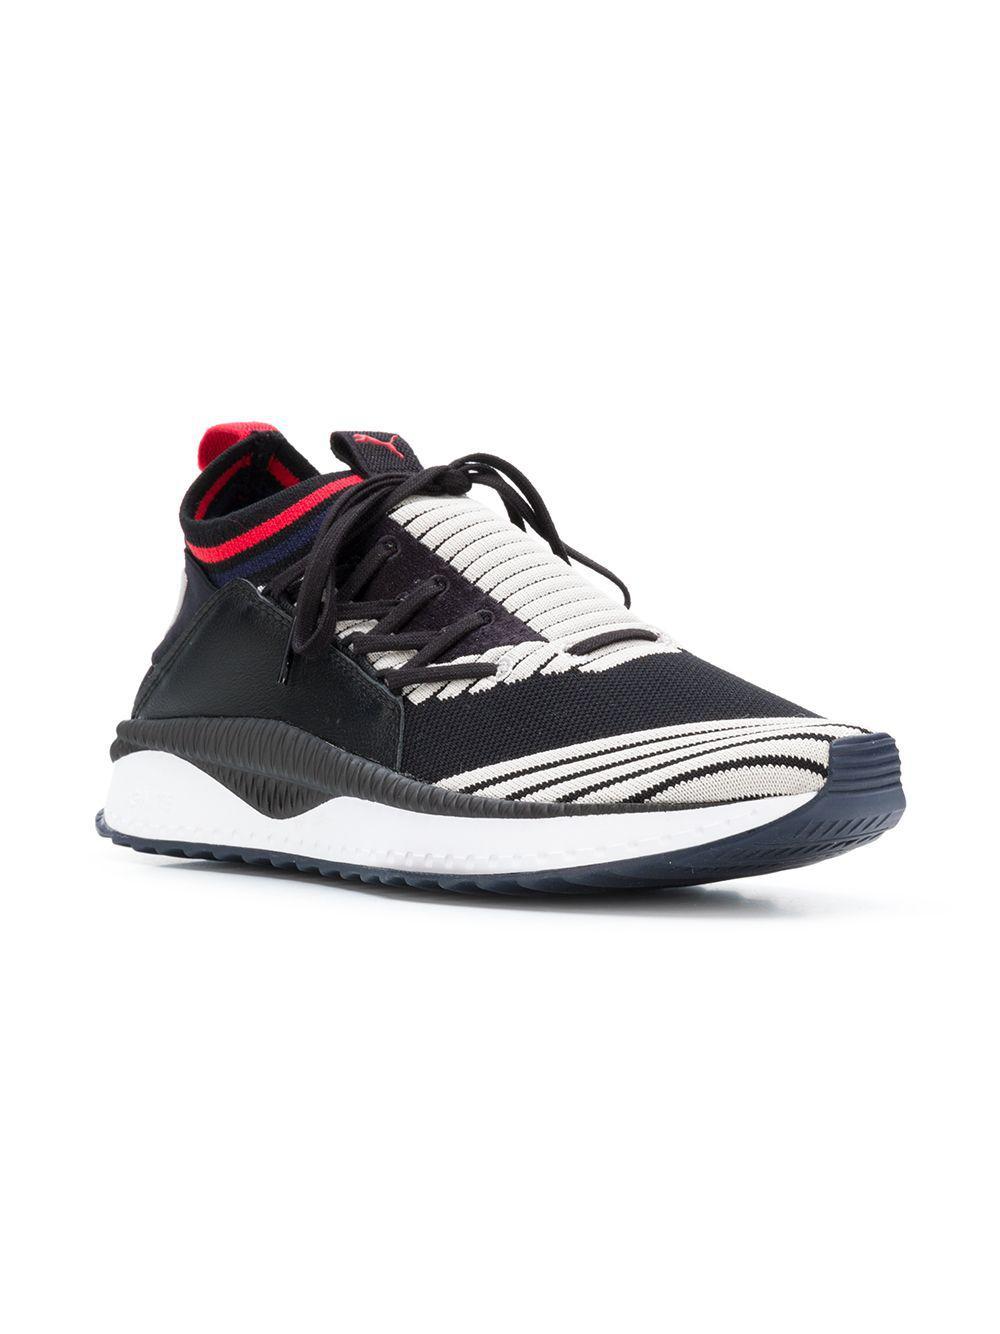 Lyst - PUMA Tsugi Jun Ns Sneakers in Black 3092215f0